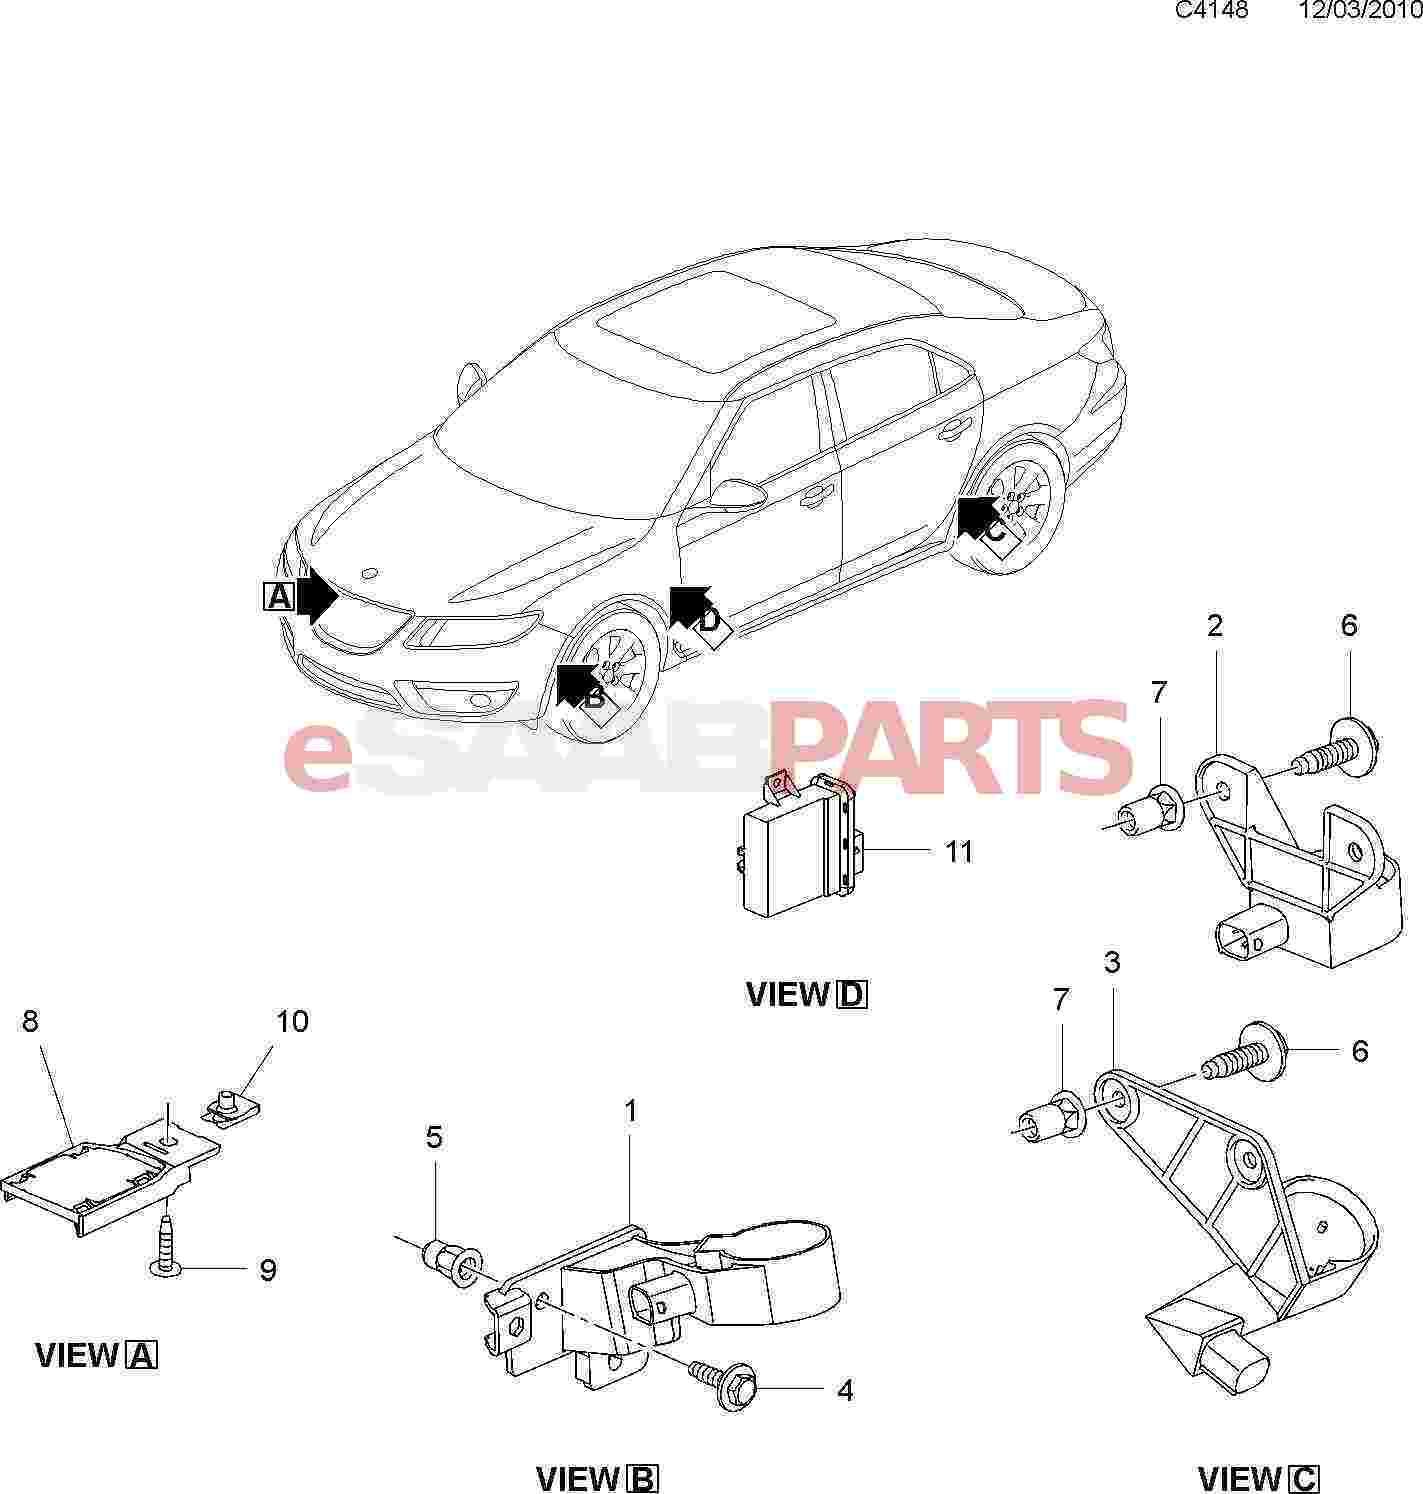 Saab Retaining Plate